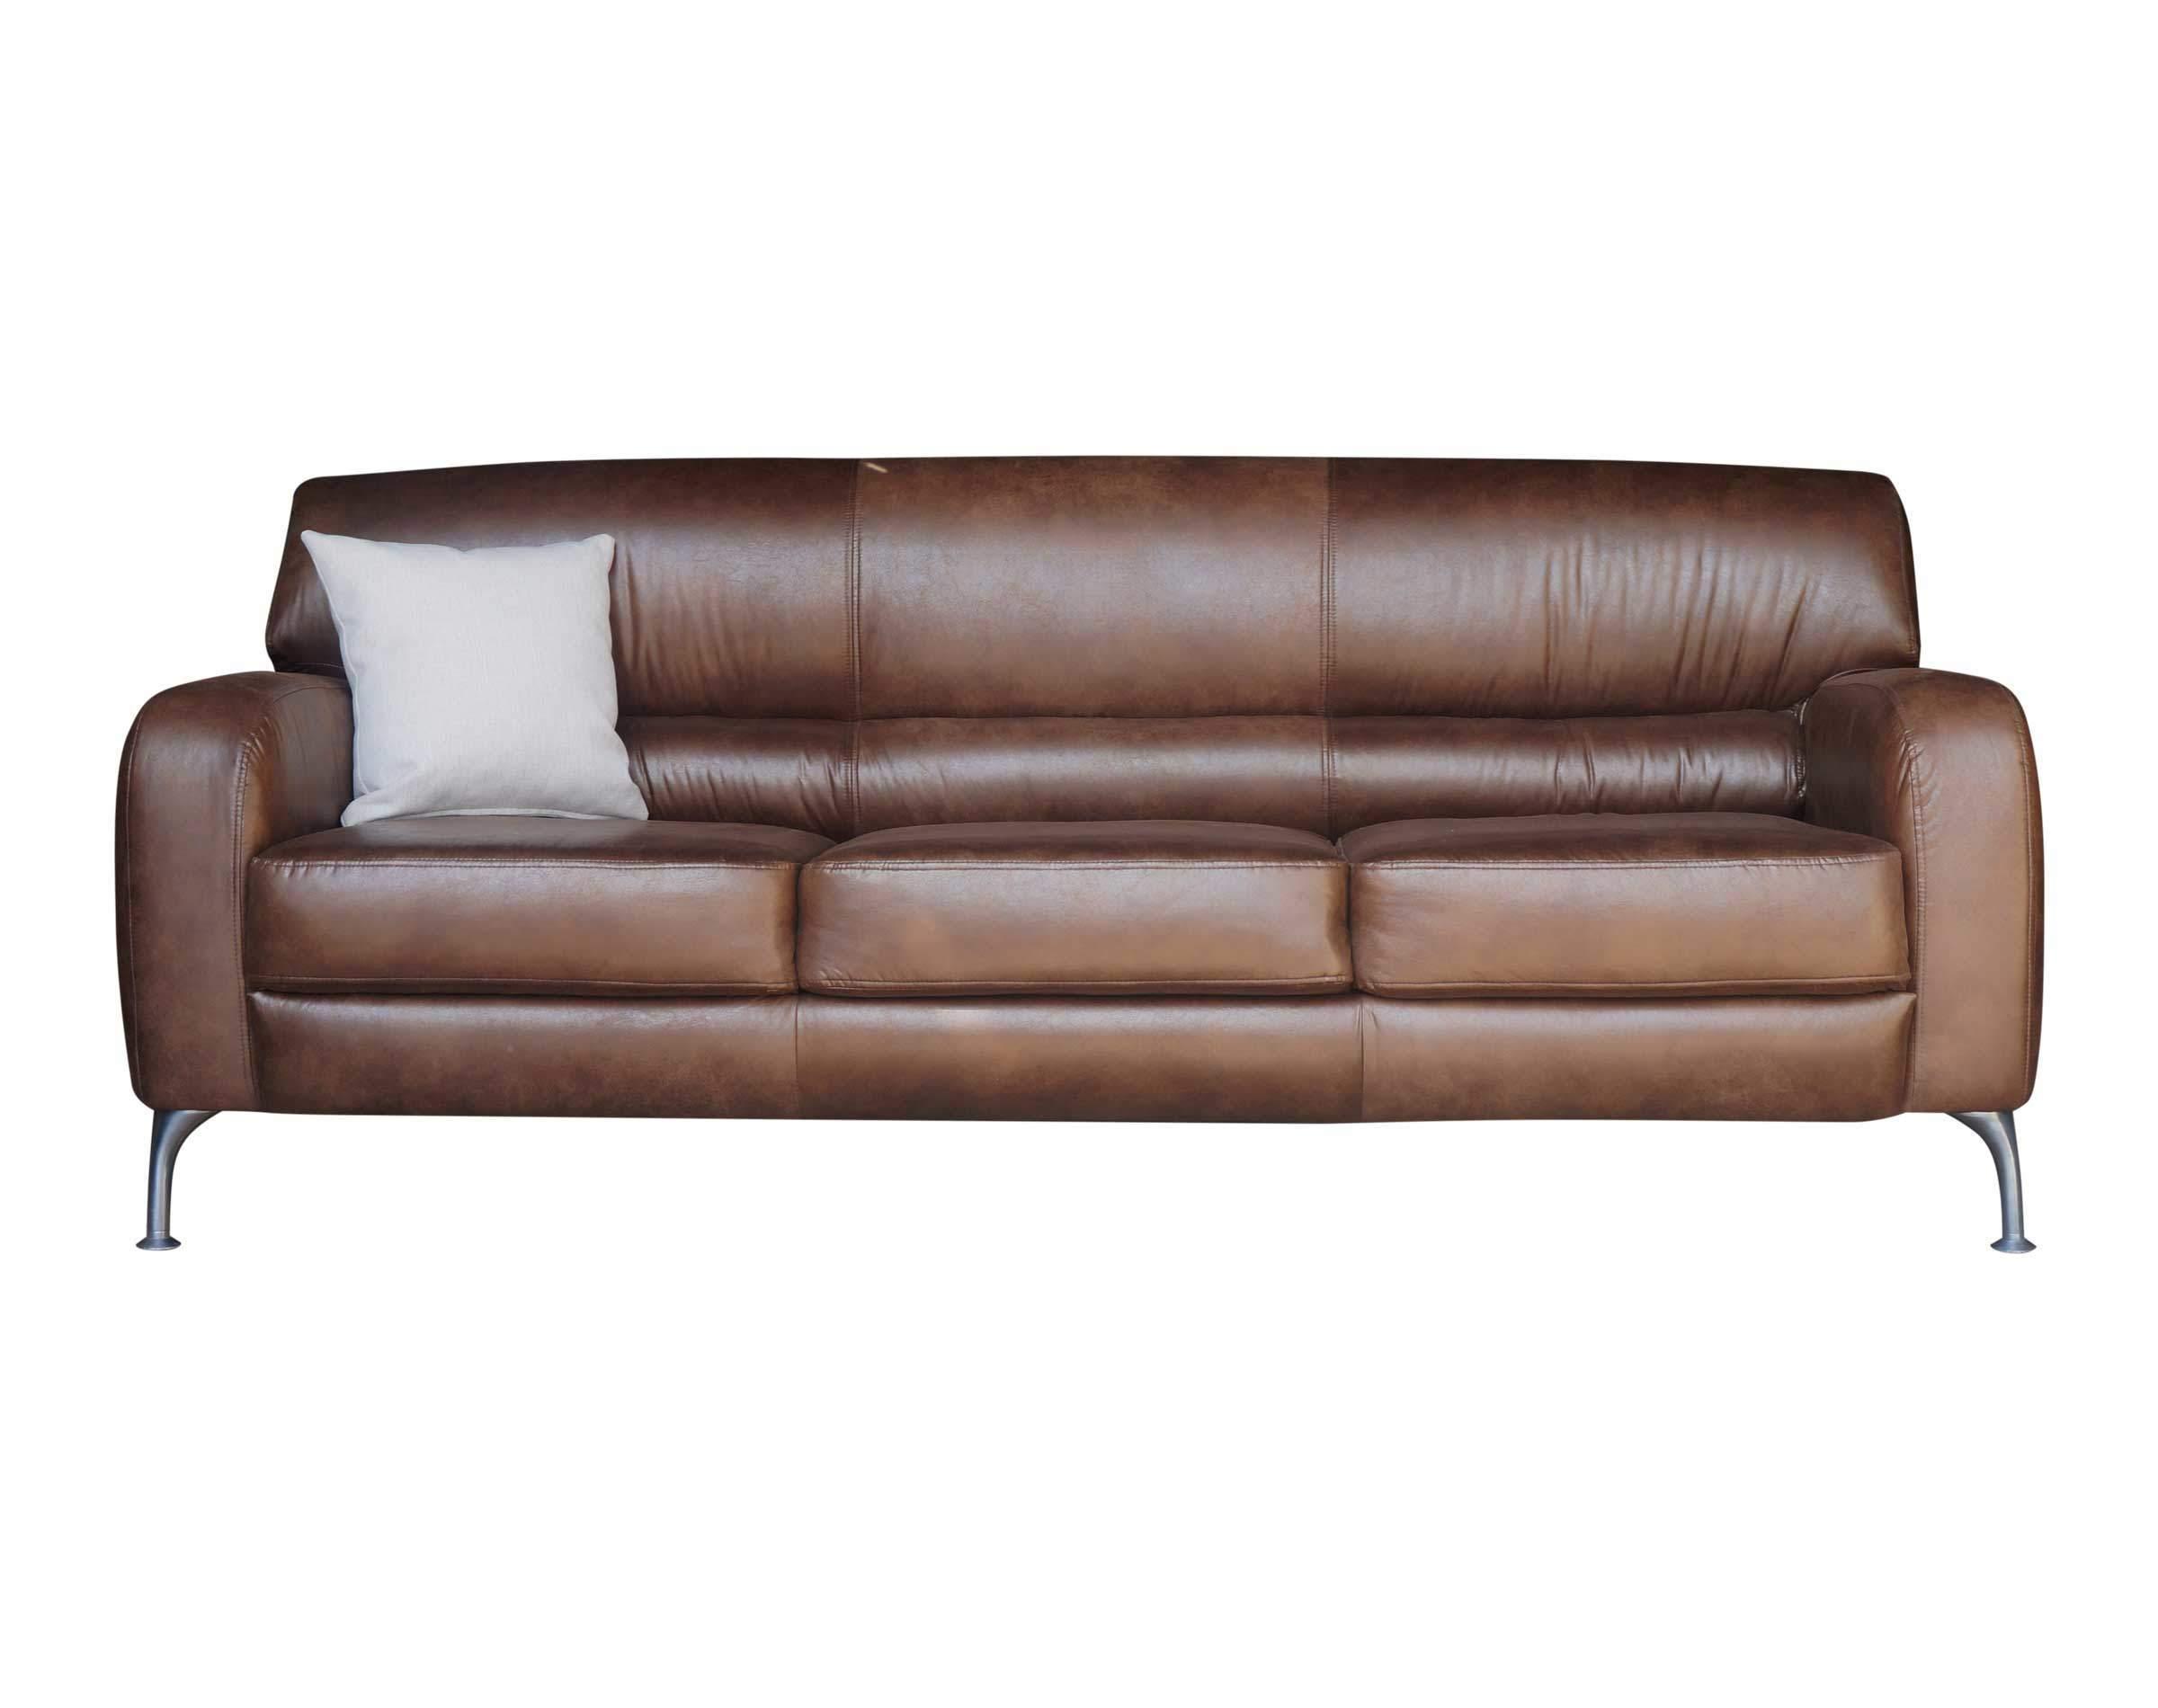 Retapizado de sof 3 cuerpos en tela envejecida livingstore - Tela para sofa ...